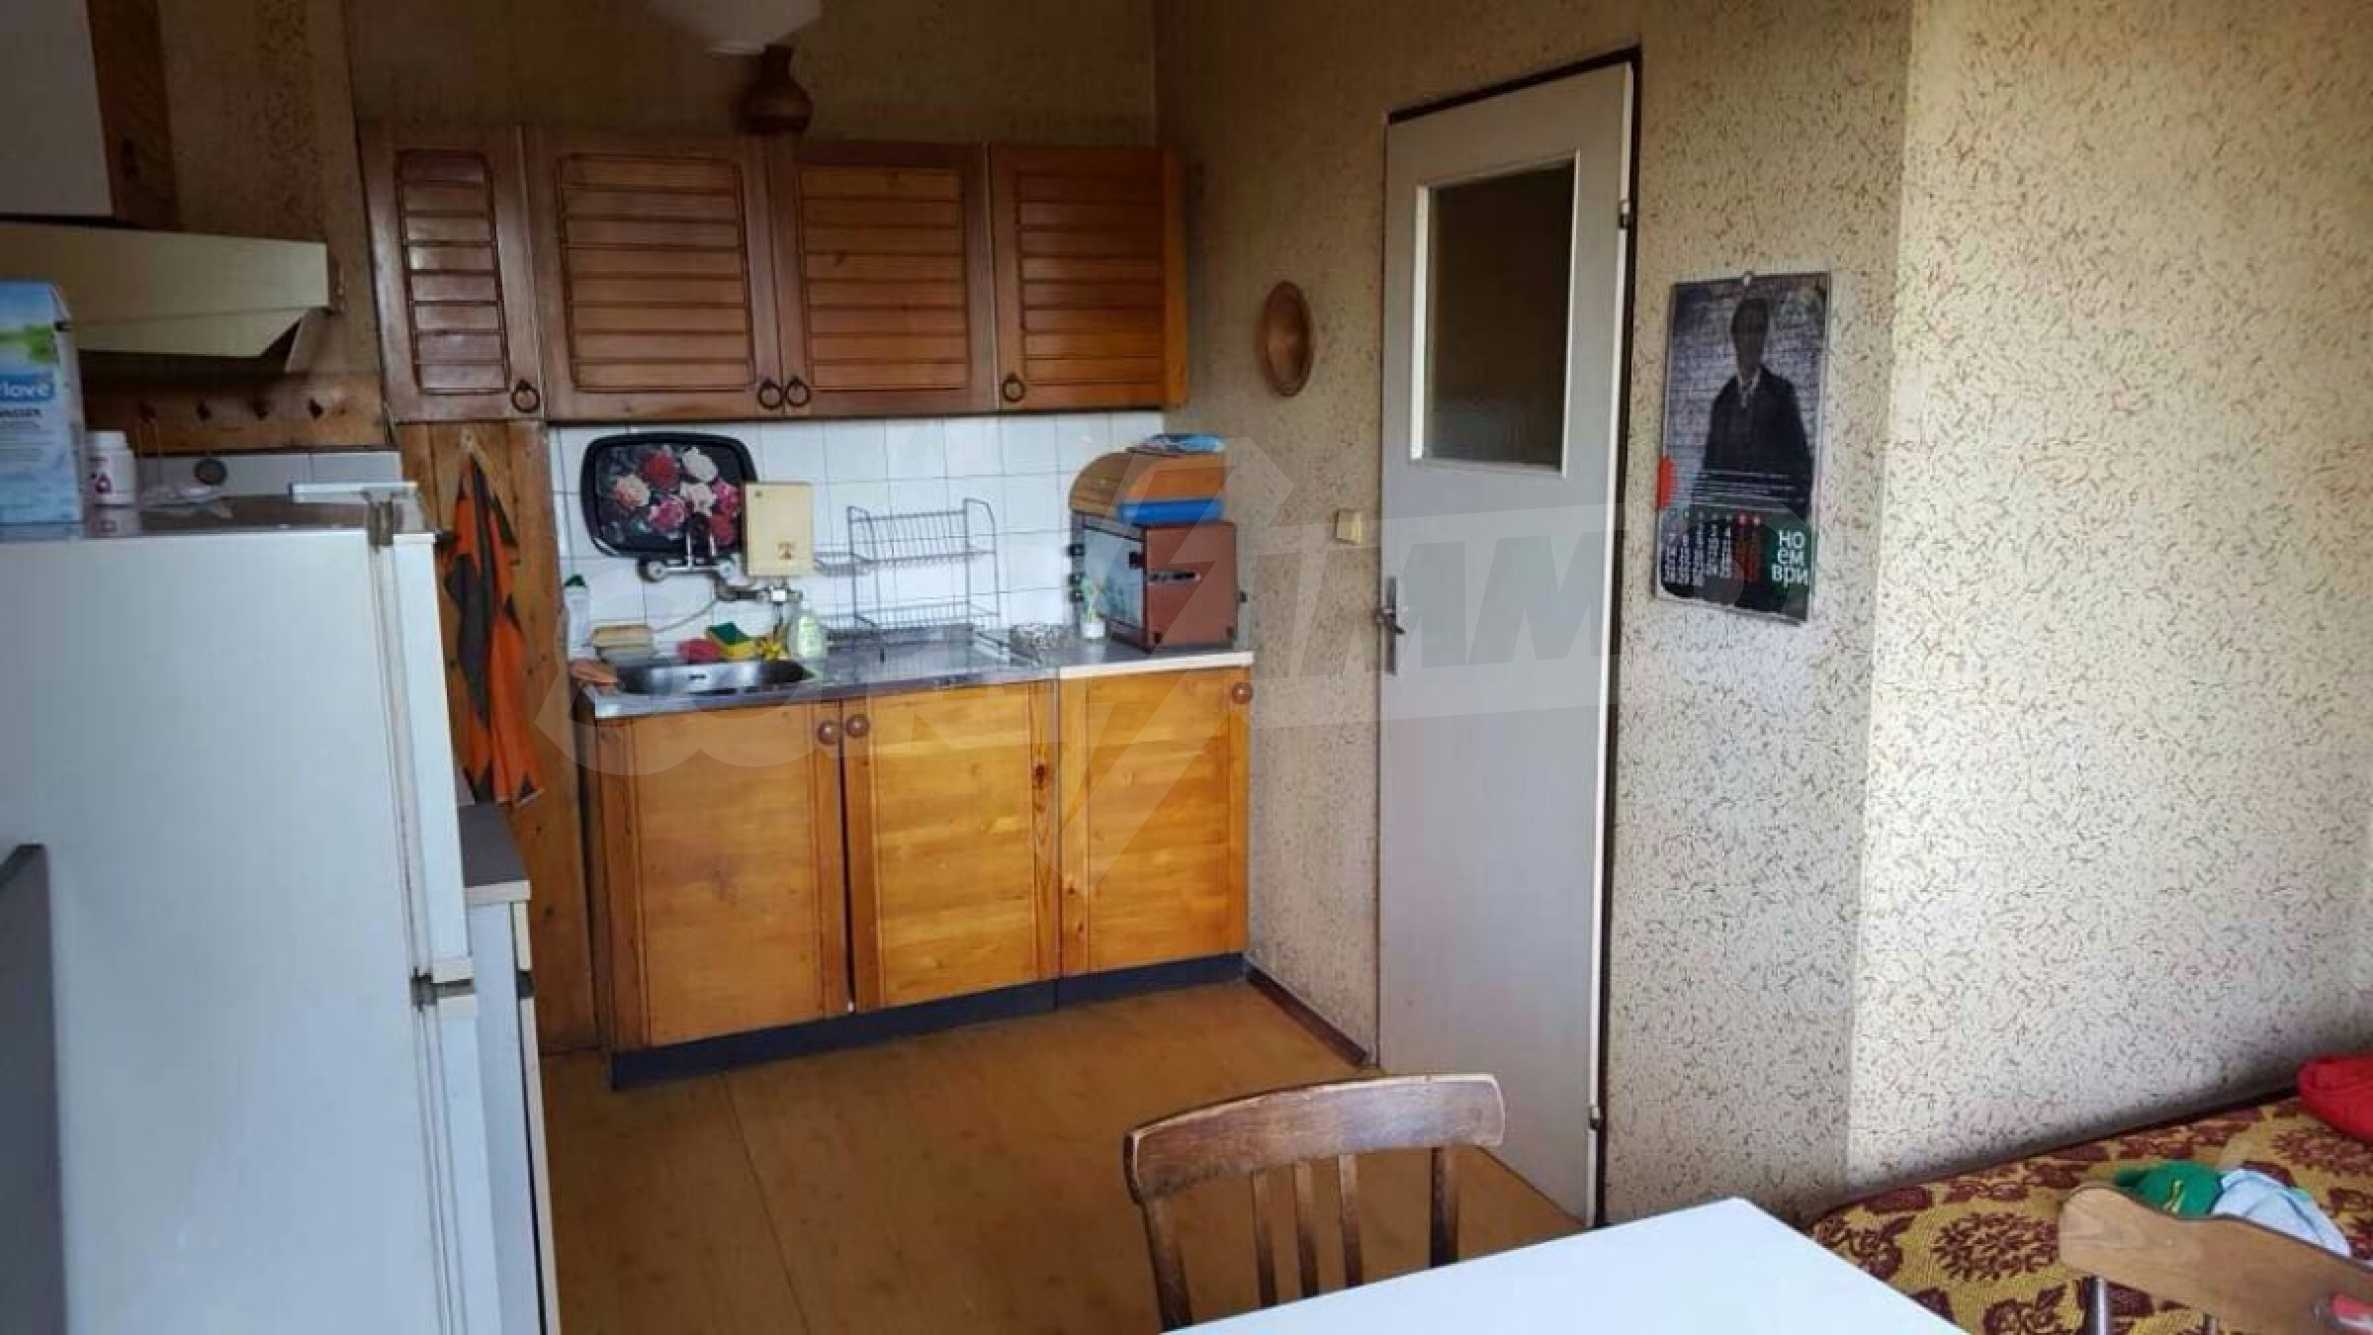 Двустаен апартамент с разширение в близост до центъра на град Видин 6